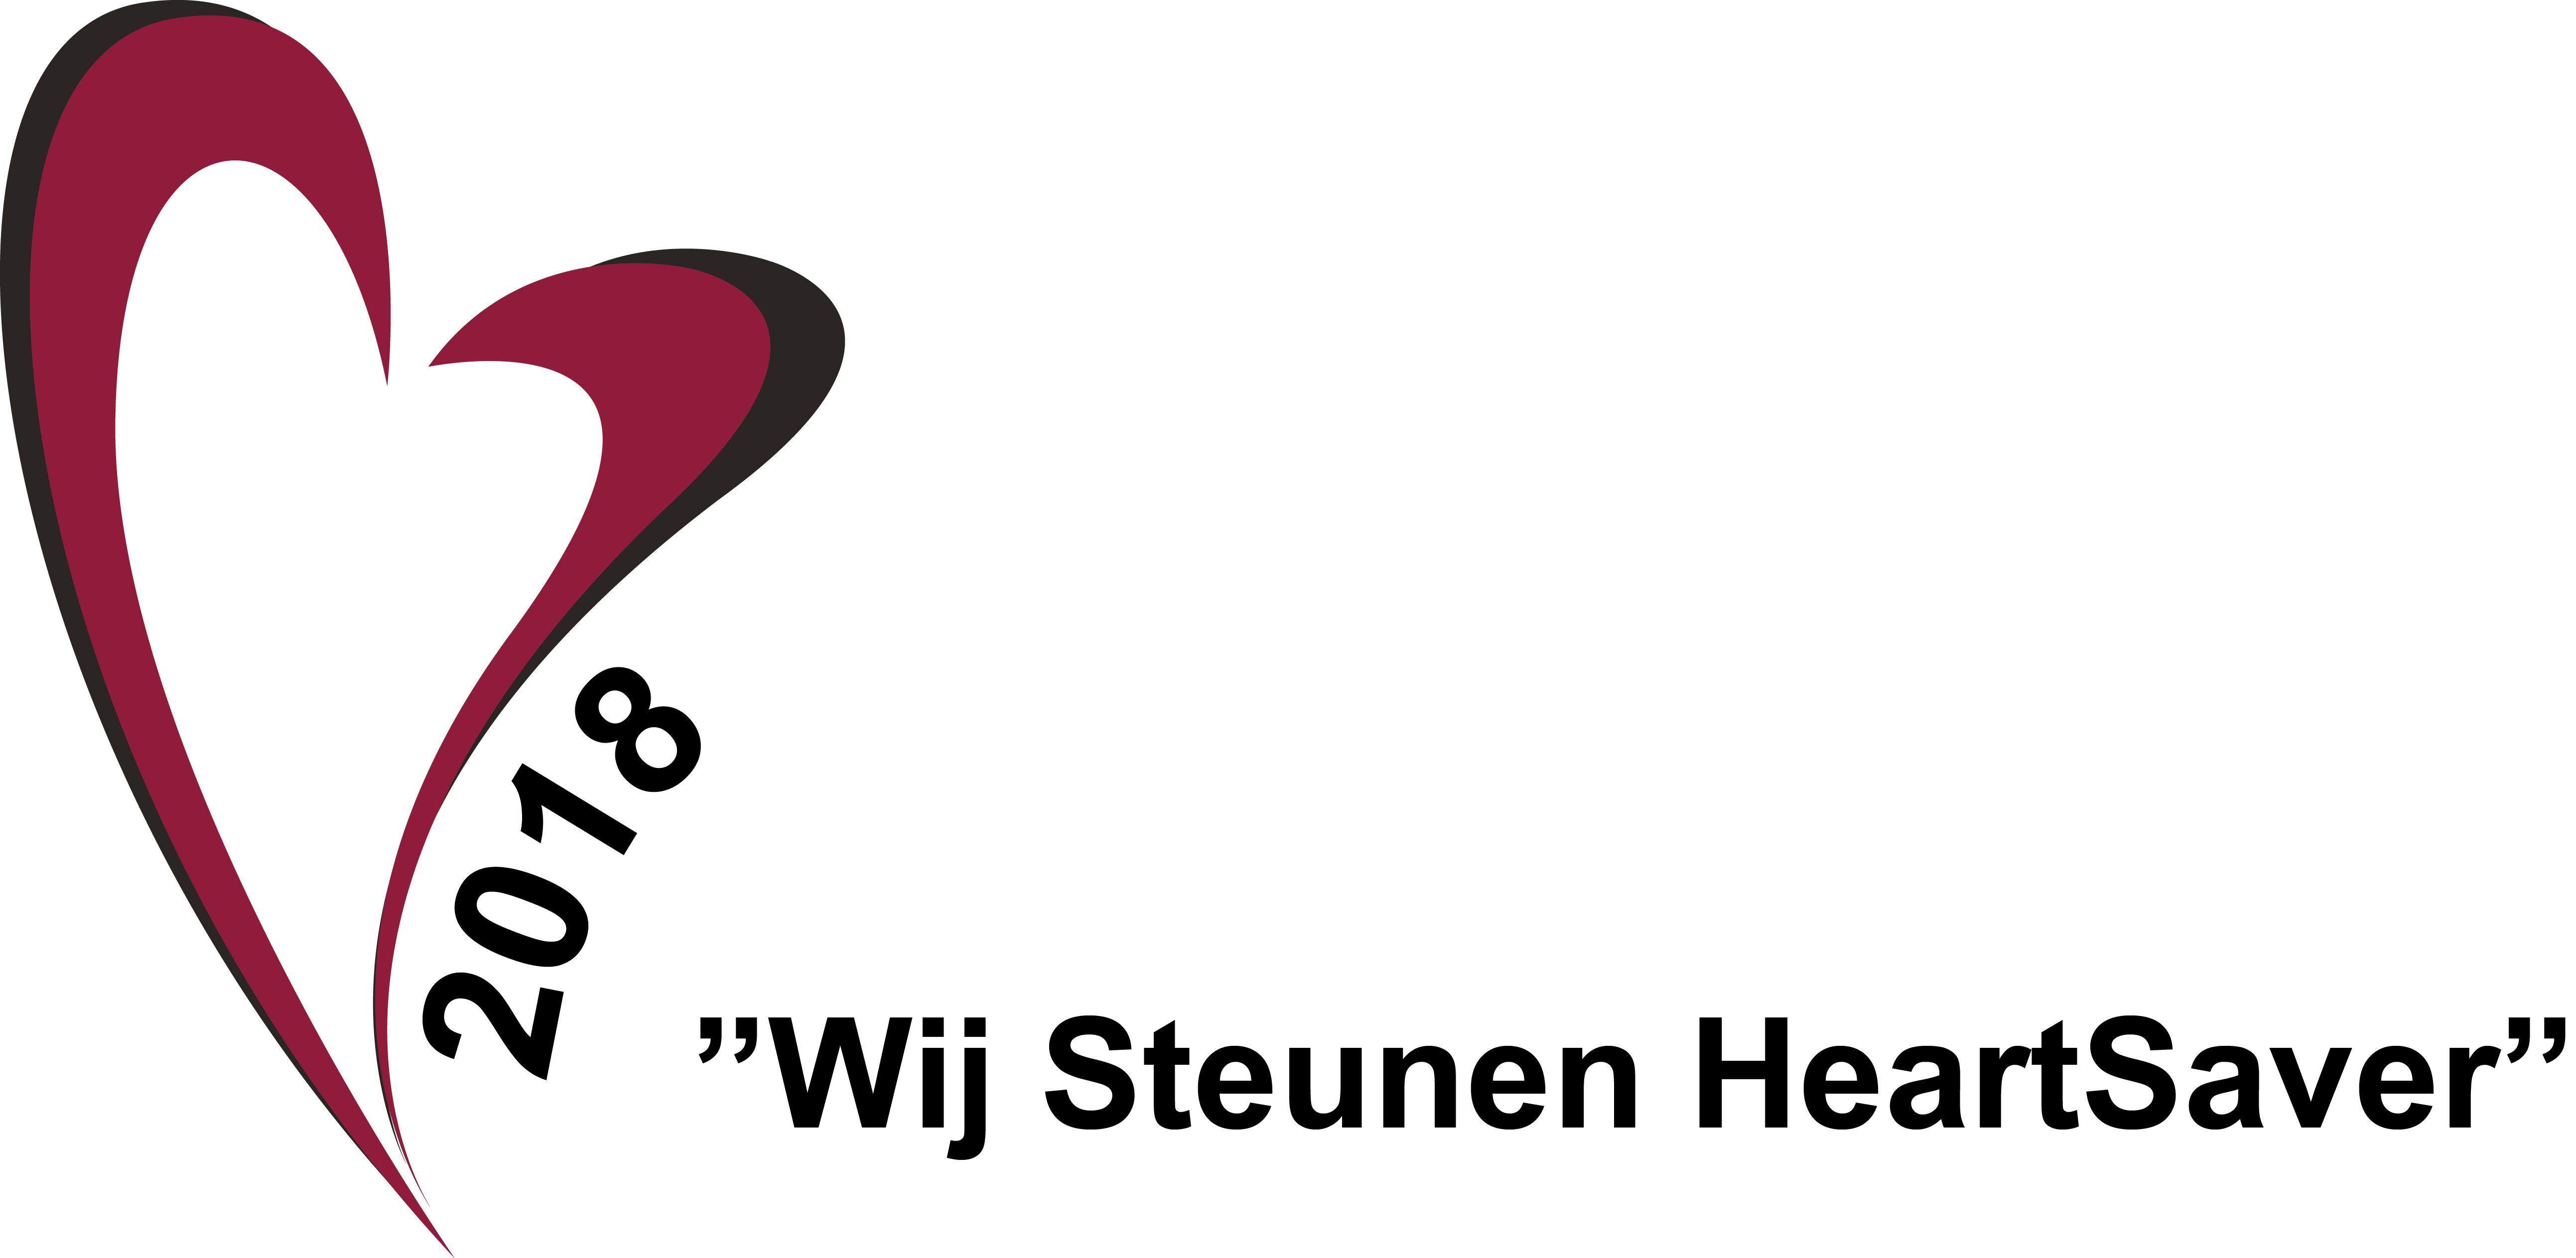 Wij steunen HeartSaver 2018